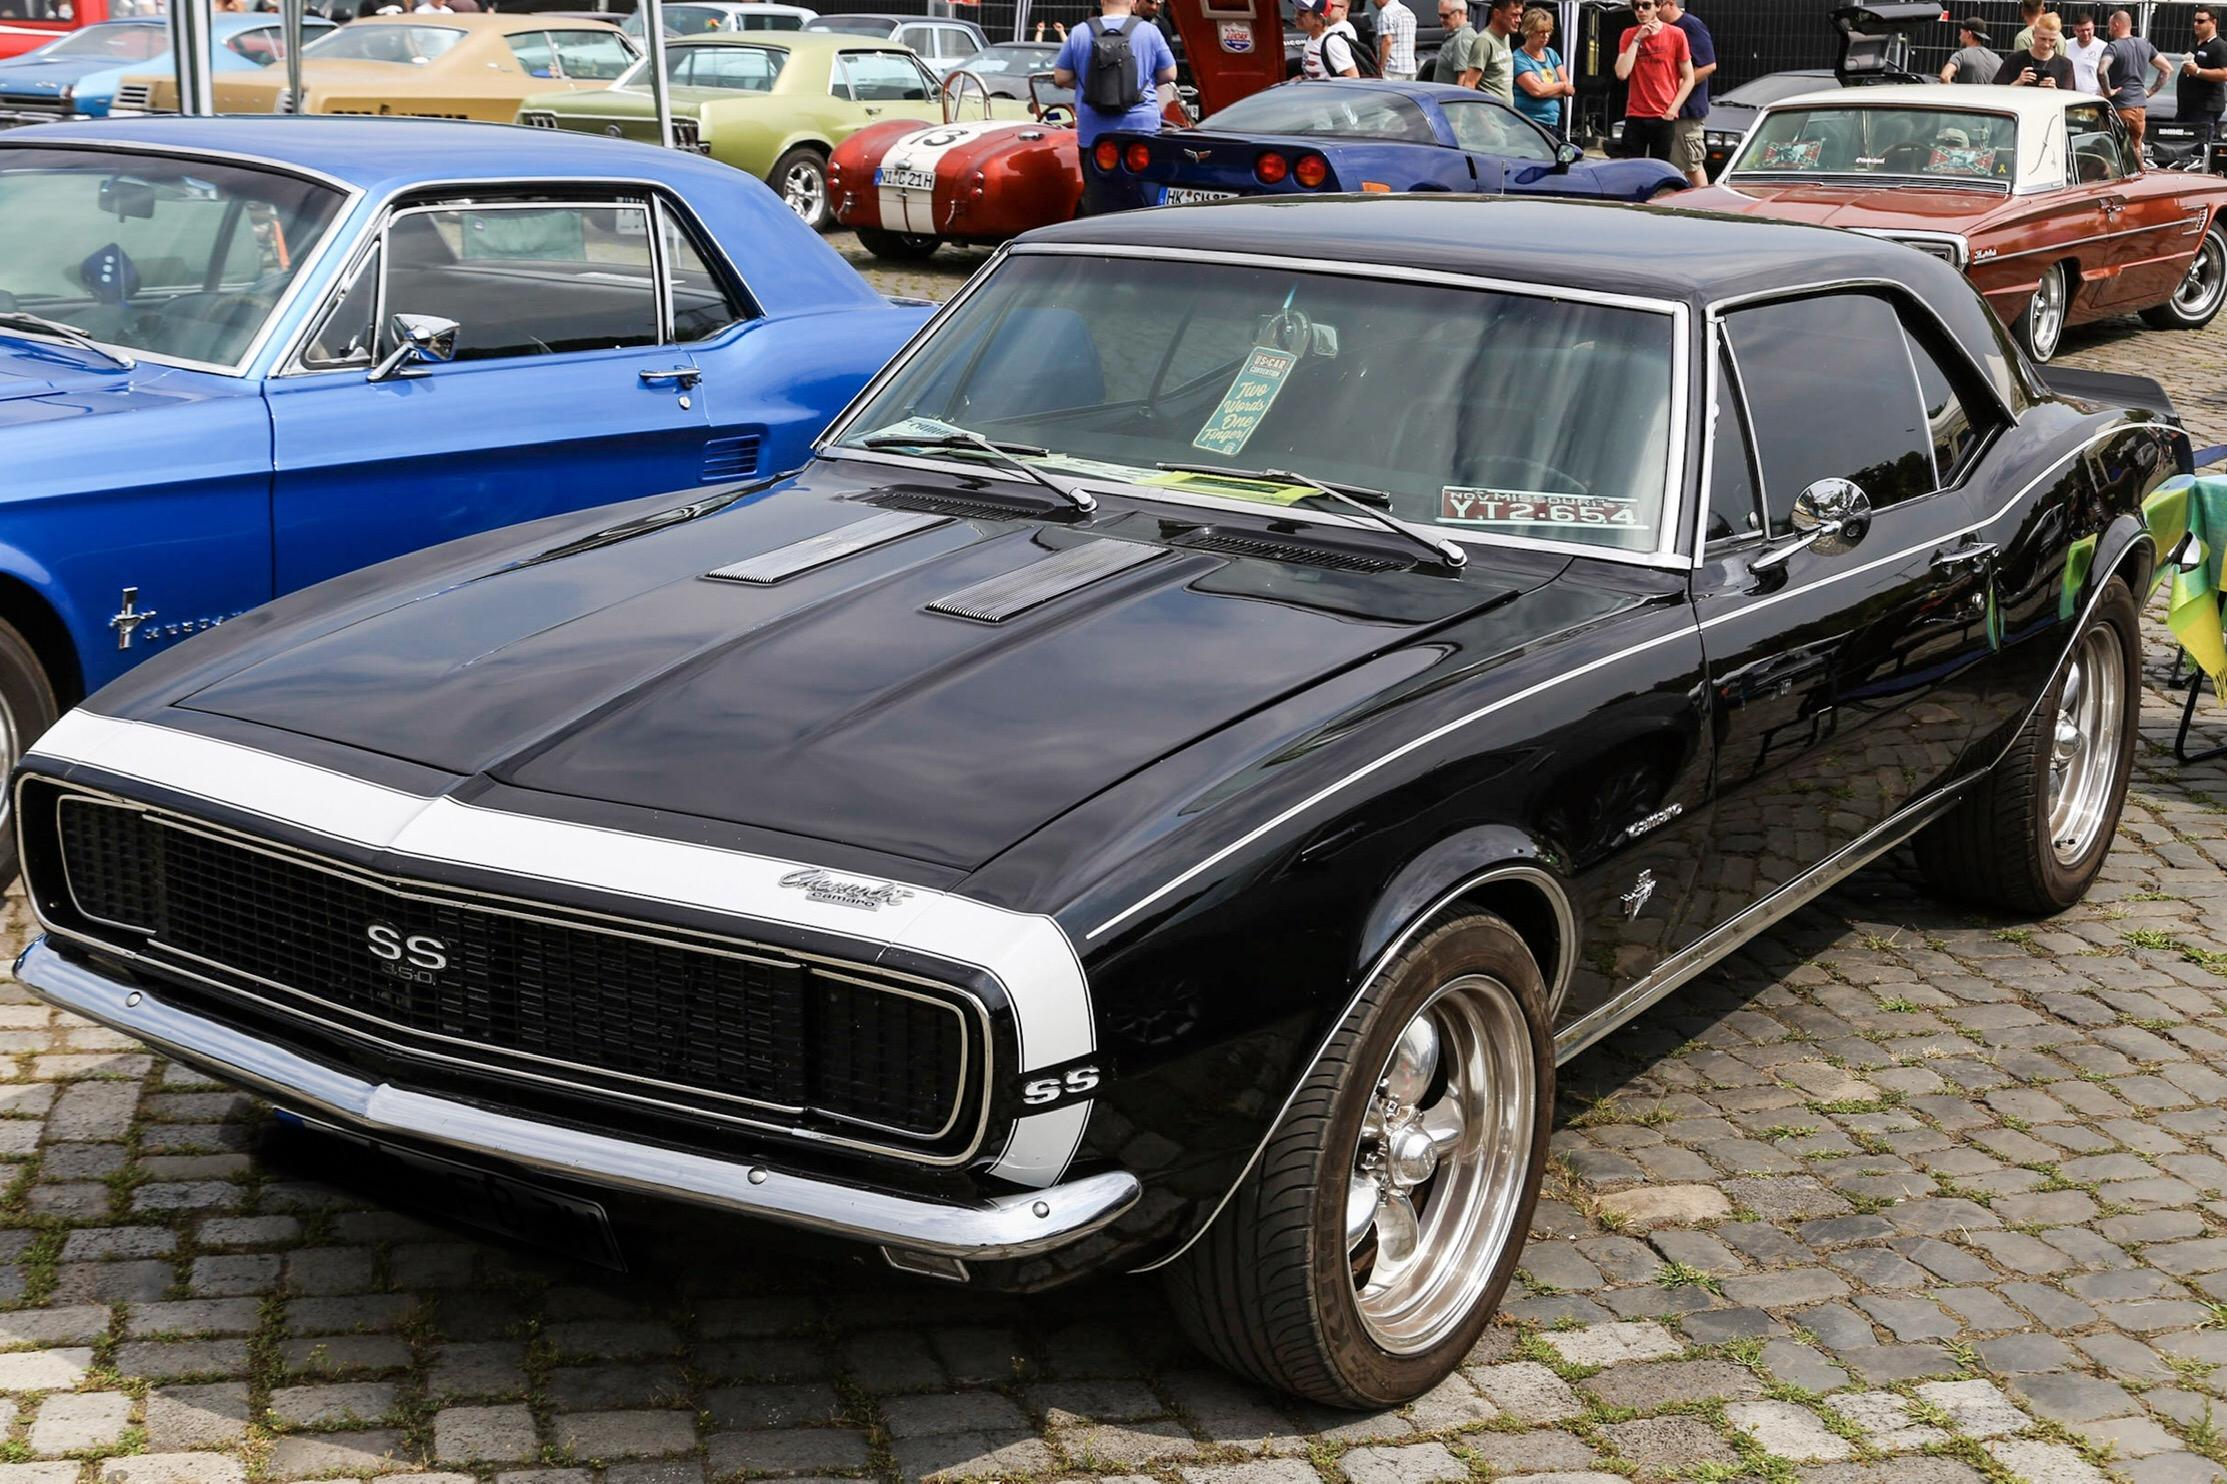 Kelebihan Kekurangan Chevrolet Camaro Ss 1967 Perbandingan Harga